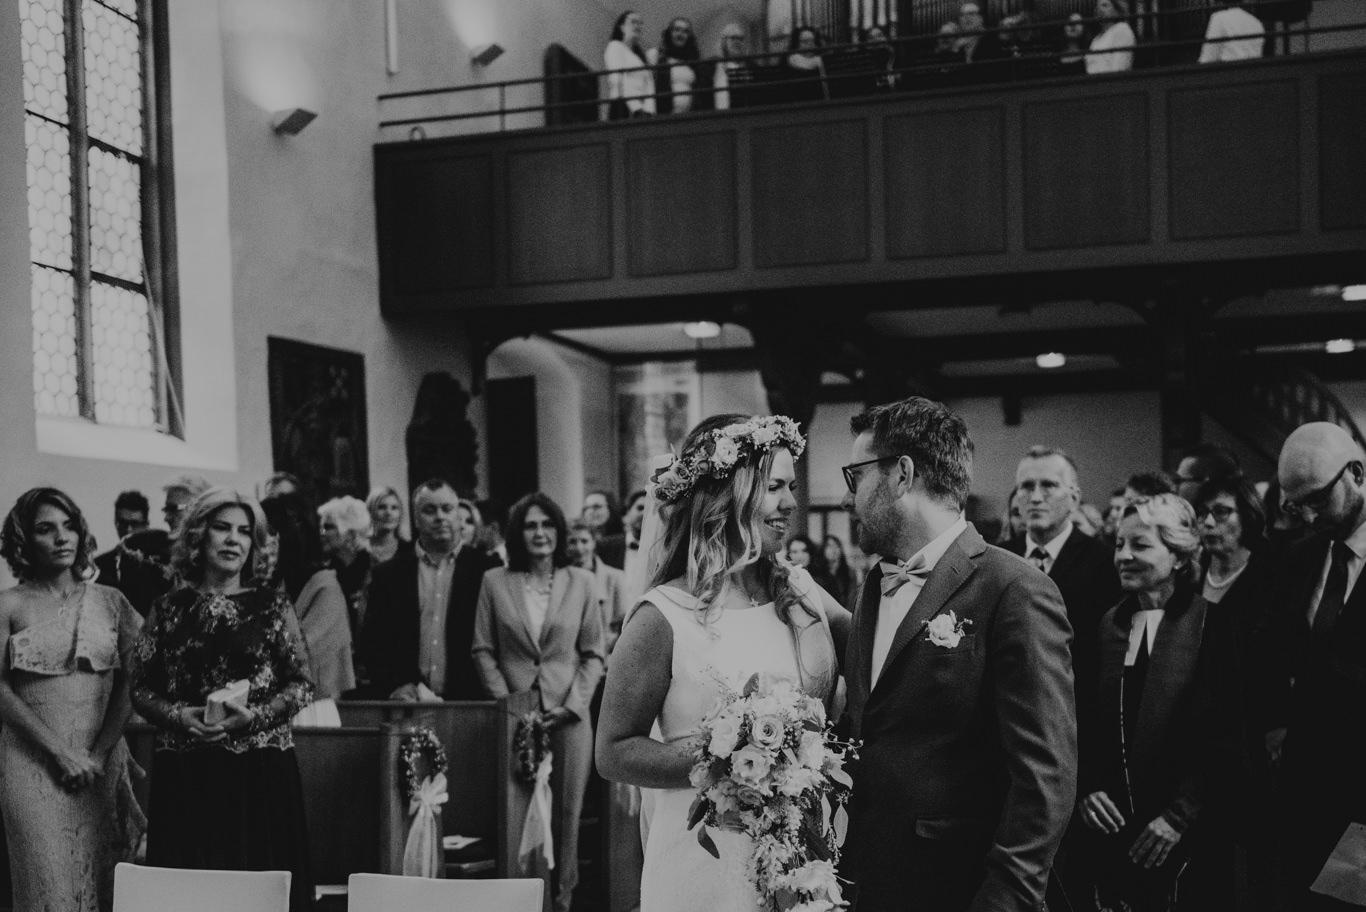 Hochzeitsfotograf Neckarsteinach evangelische Kirche Hochzeitsfotos Fotograf Hochzeit Hoher Darsberg Bilder Trauung